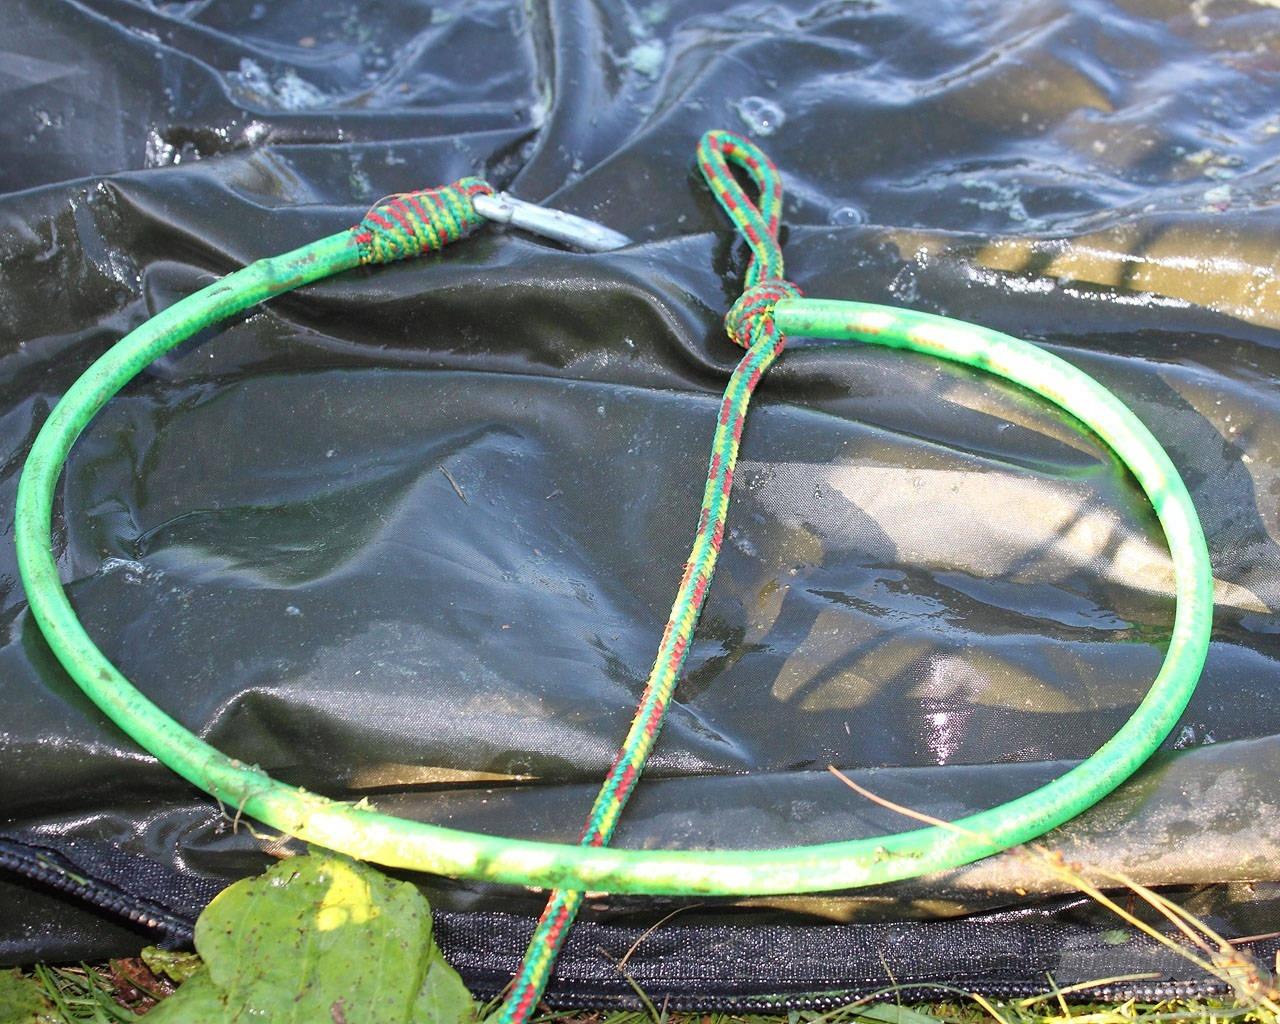 Ezzel a kötéllel elkerülhető, hogy a kikötött harcsa sérüljön